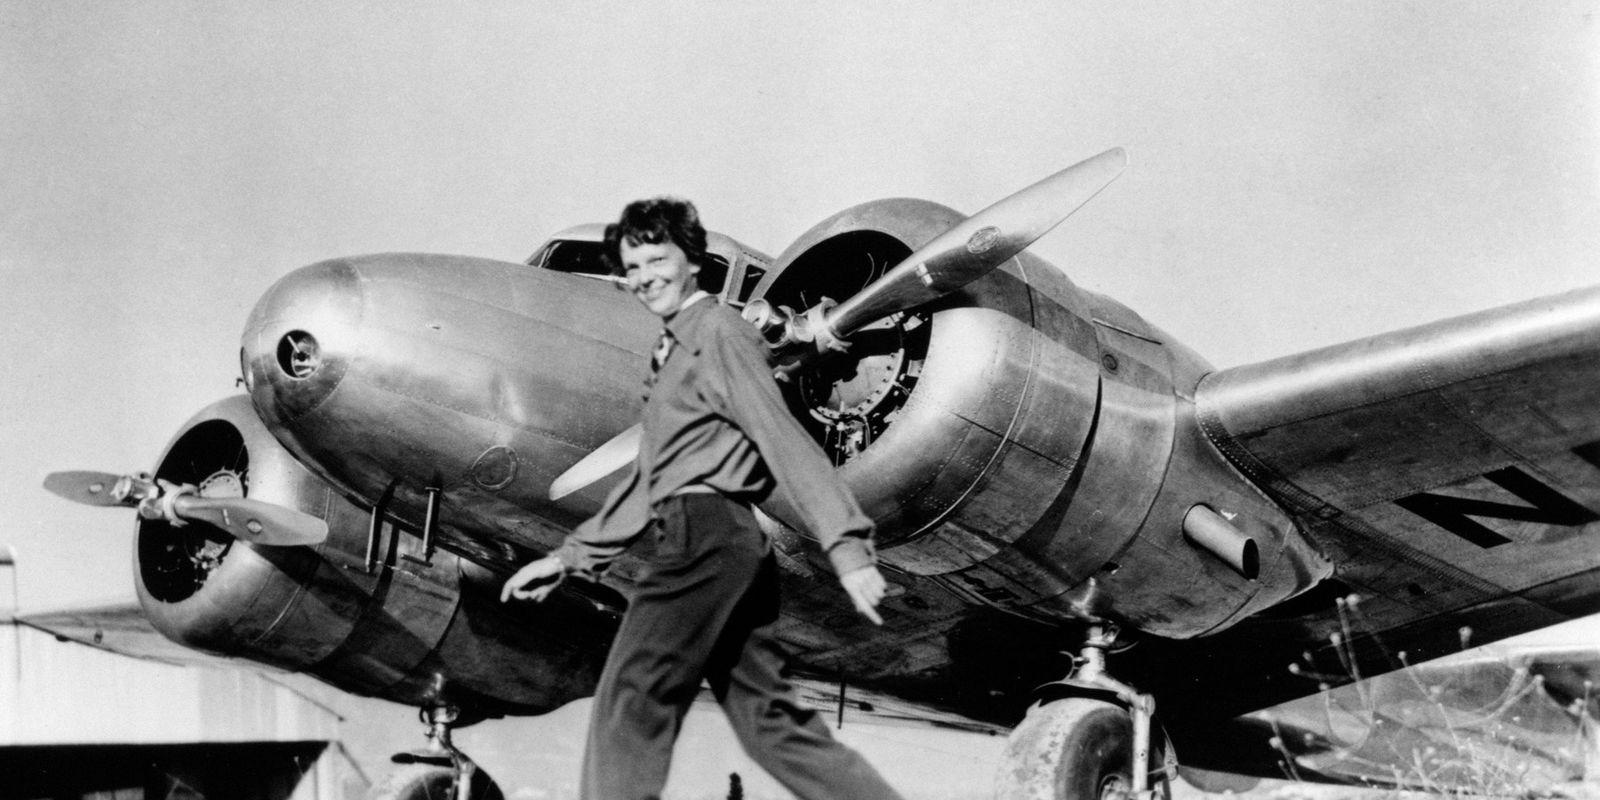 Exclusivo: adéntrate en la misión que busca el avión de Amelia Earhart